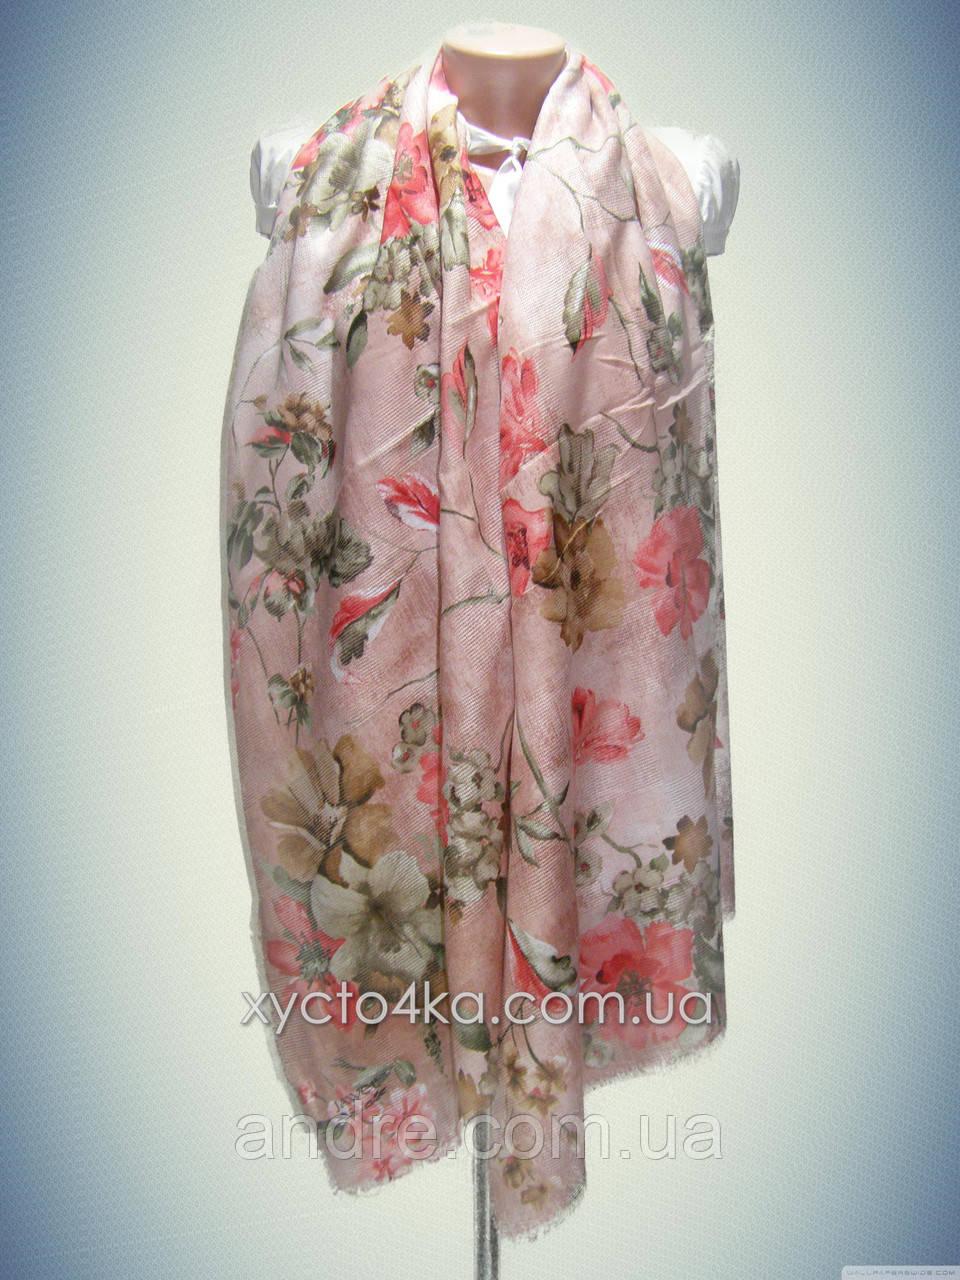 Натуральный шарф с перфорацией Лора, персиковый